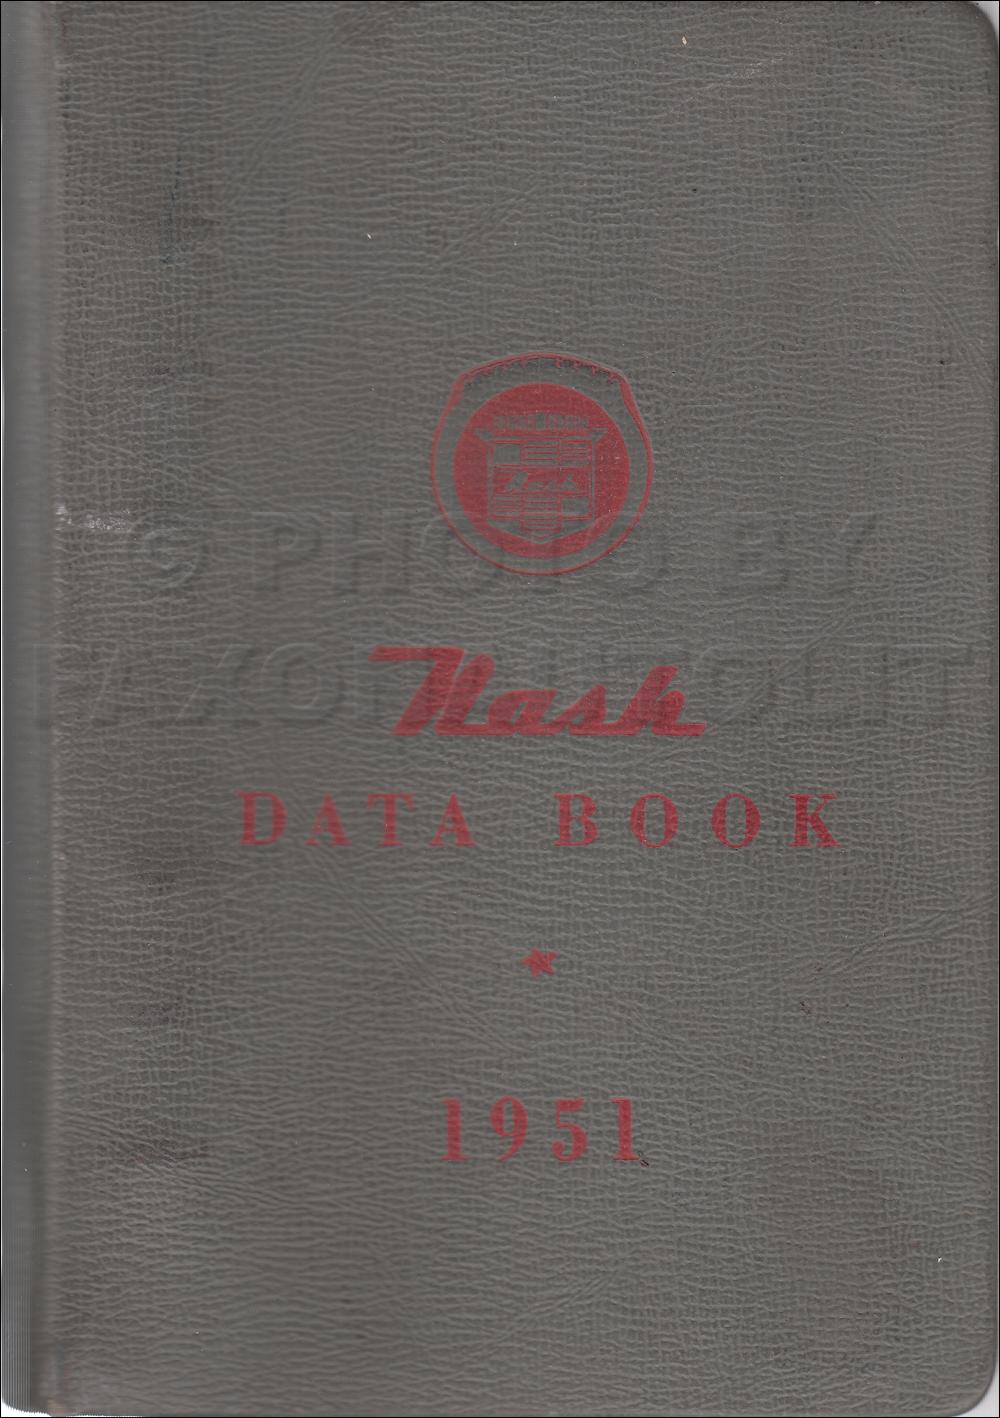 1951 Nash Hydra Matic Transmission Repair Shop Manual Original Supp Wiring Diagram For 1950 Data Book 22900